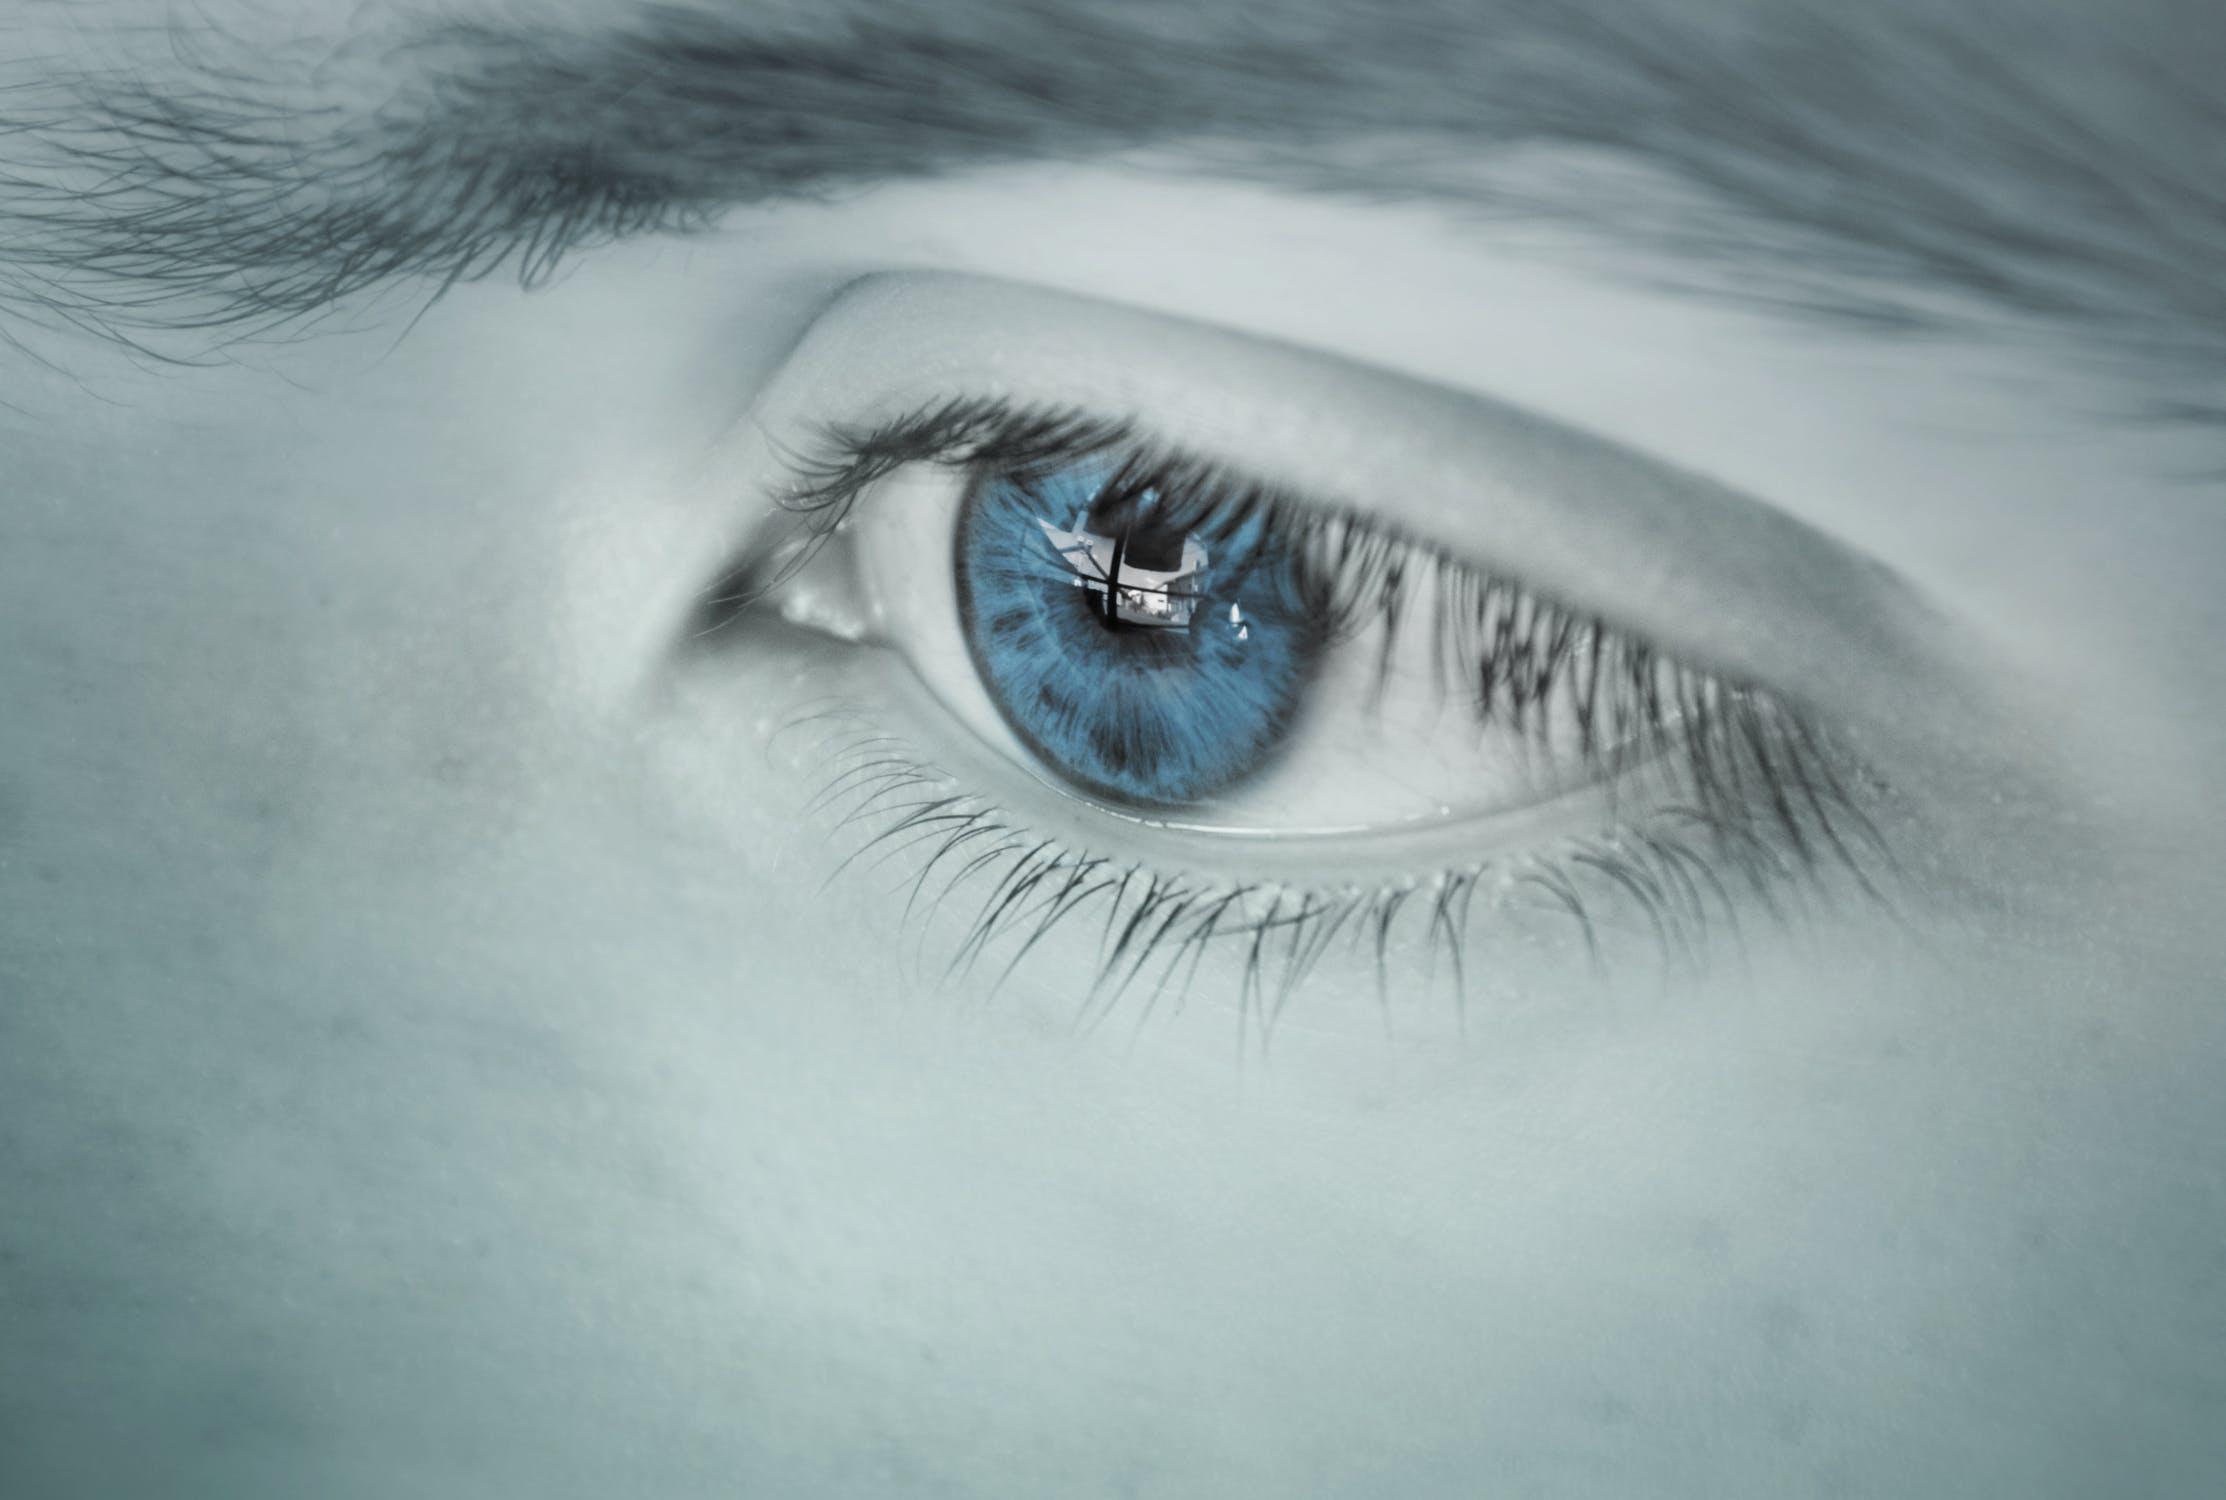 शोध के मुताबिक अगर कोई शख्स कॉन्टैक्ट लेंस लगाकर सो जाता है तो उसकी आंखों की रोशनी जा सकती है.